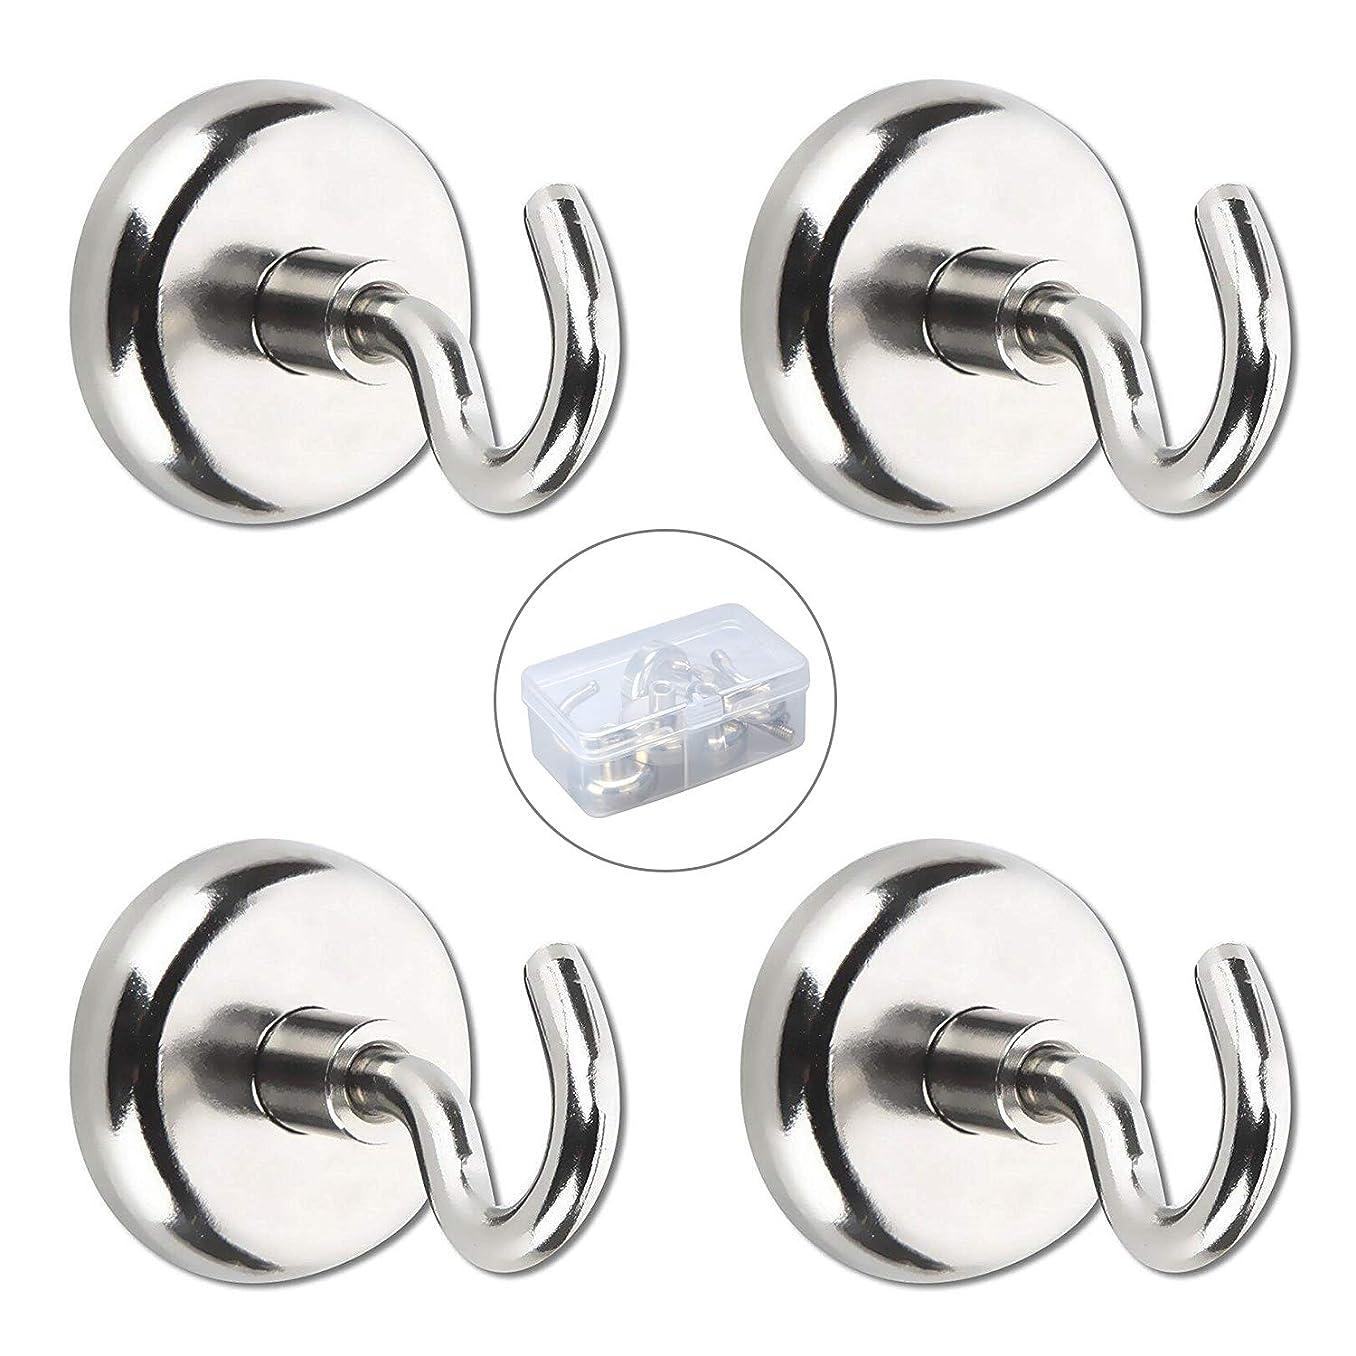 Fieldoor 44 Pound Strong Neodymium Indoor/Outdoor Magnet Hook, Heavy Duty Magnetic Hooks (4 Pack)